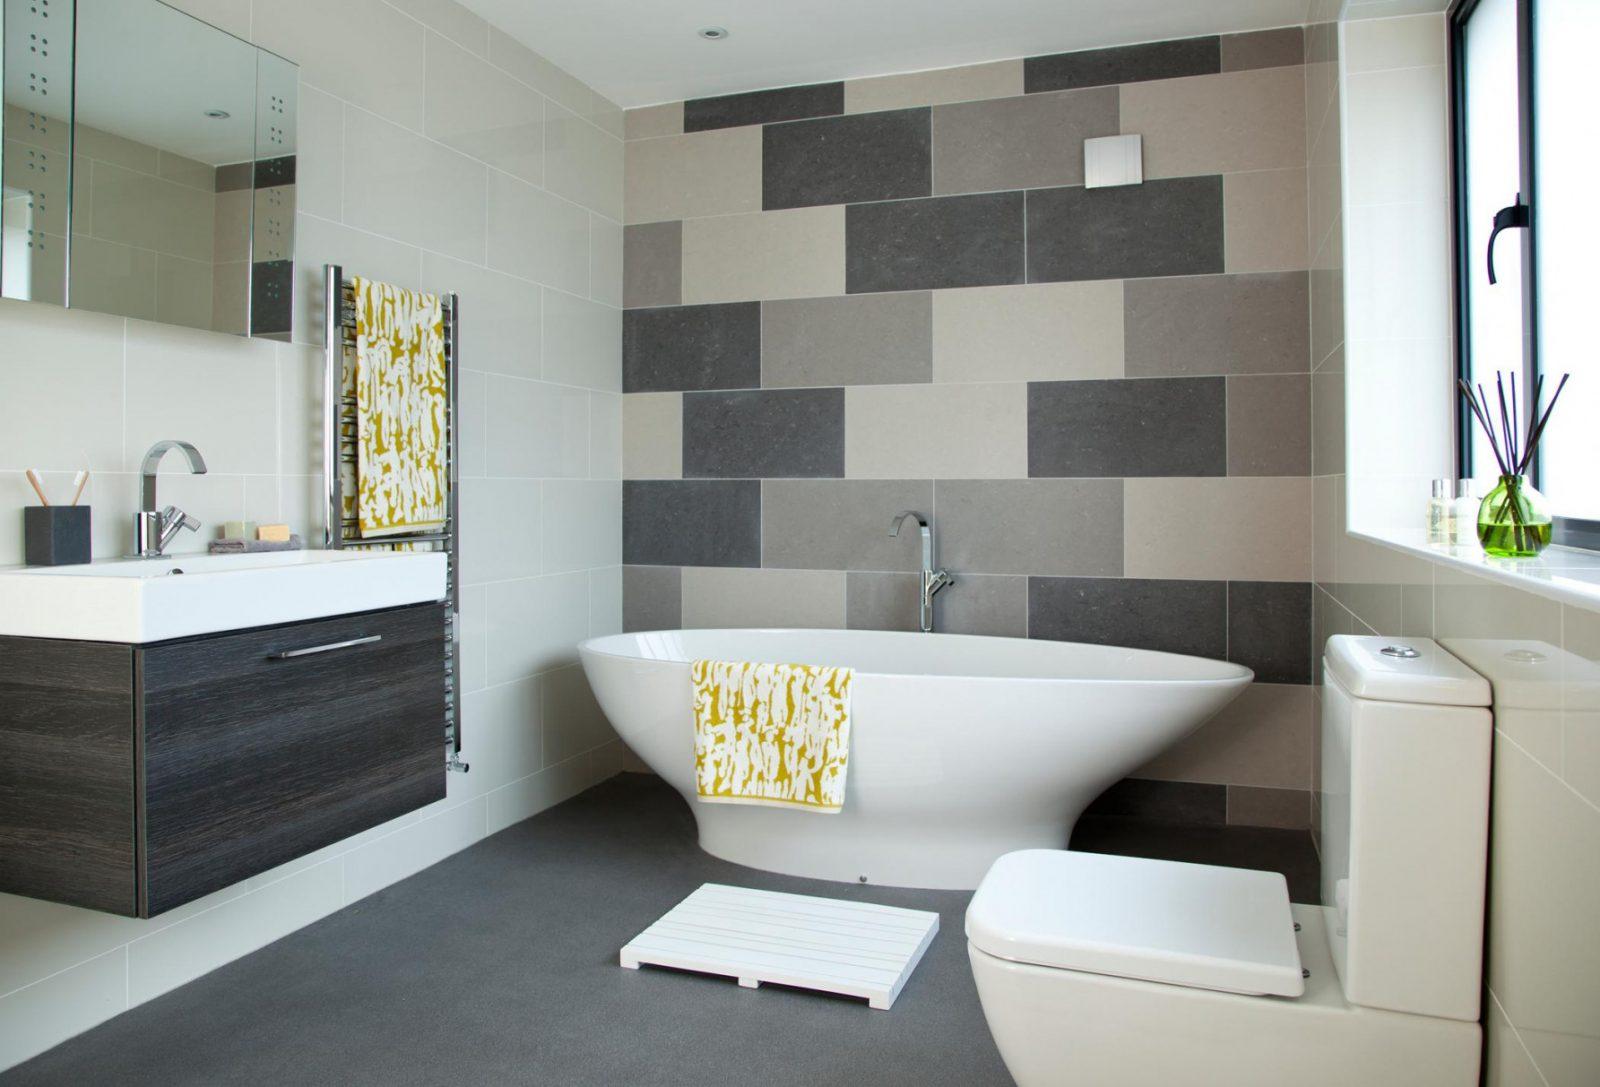 Badfliesen Gestalten Entdecke Trends  Tricks Bei Couch von Fliesen Badezimmer Ideen Photo